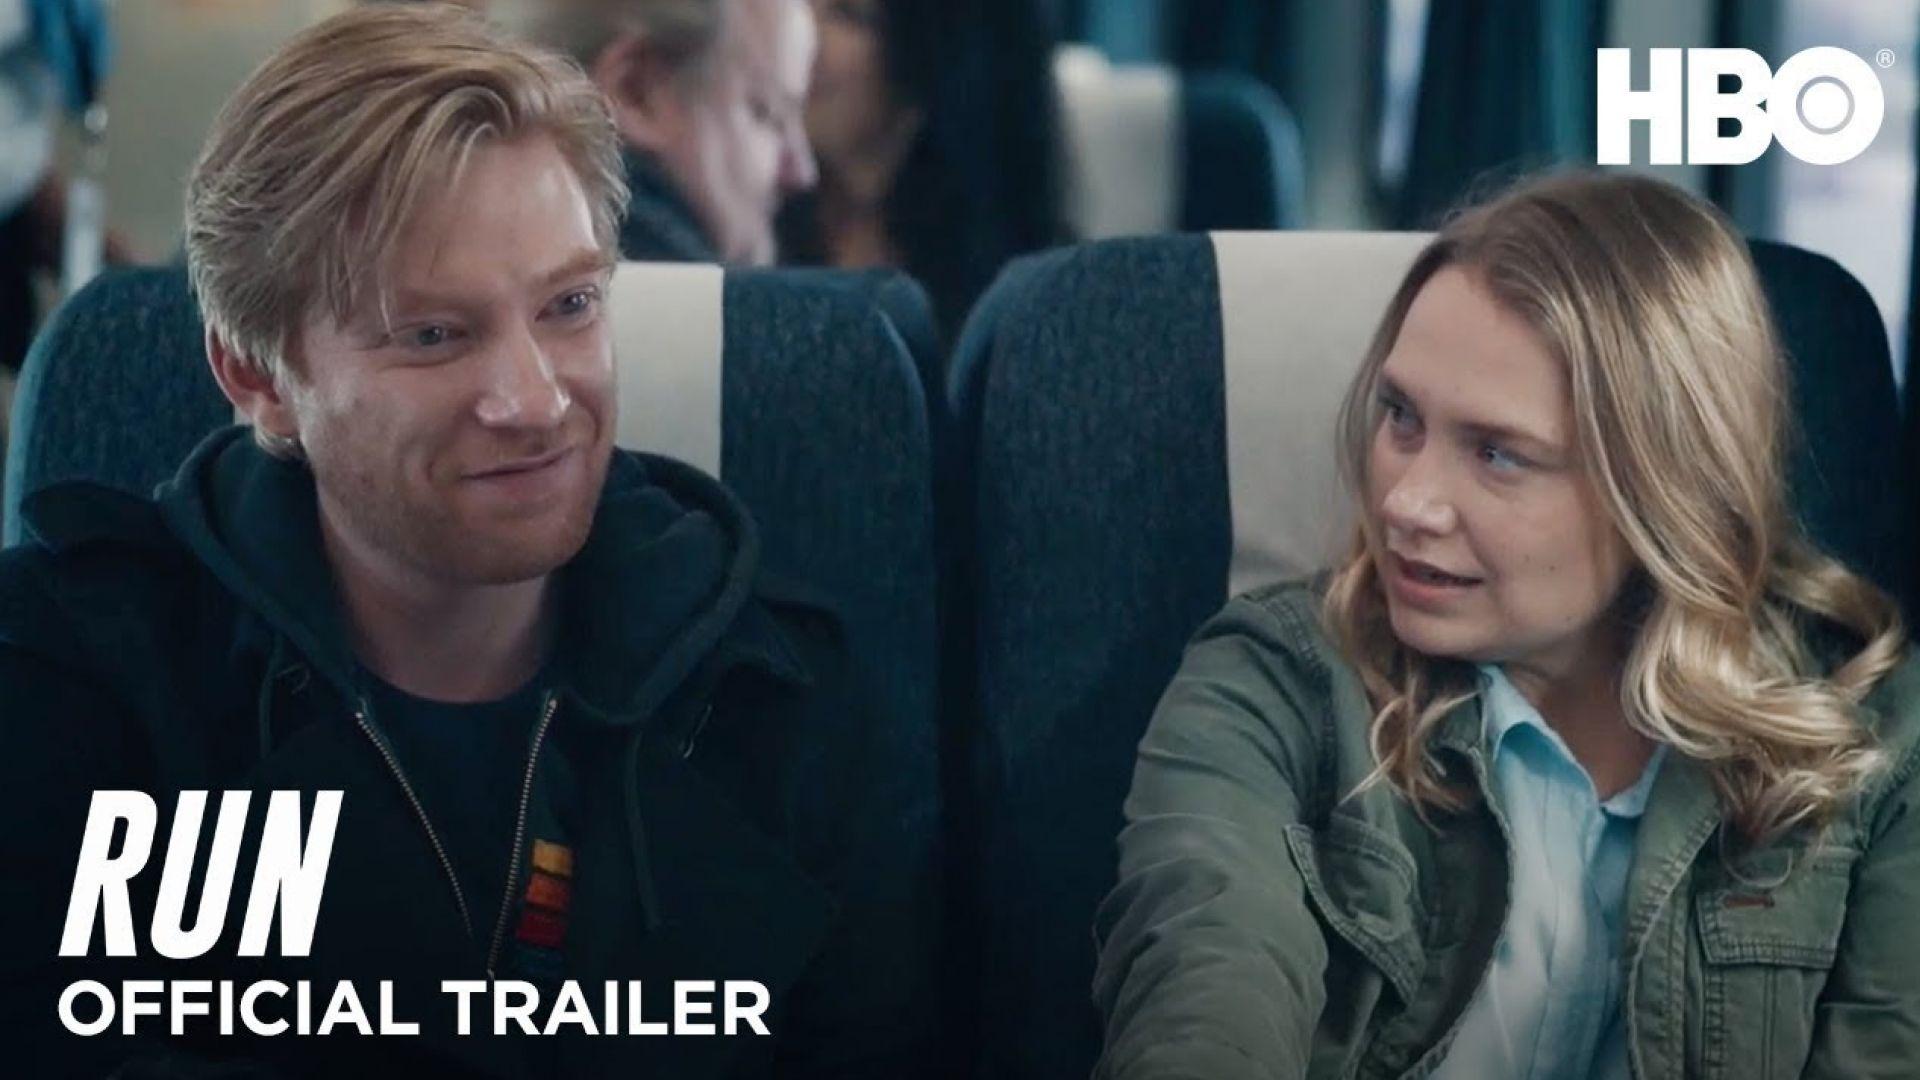 'Run' trailer with Domhnall Gleeson and Merritt Wever (HBO)